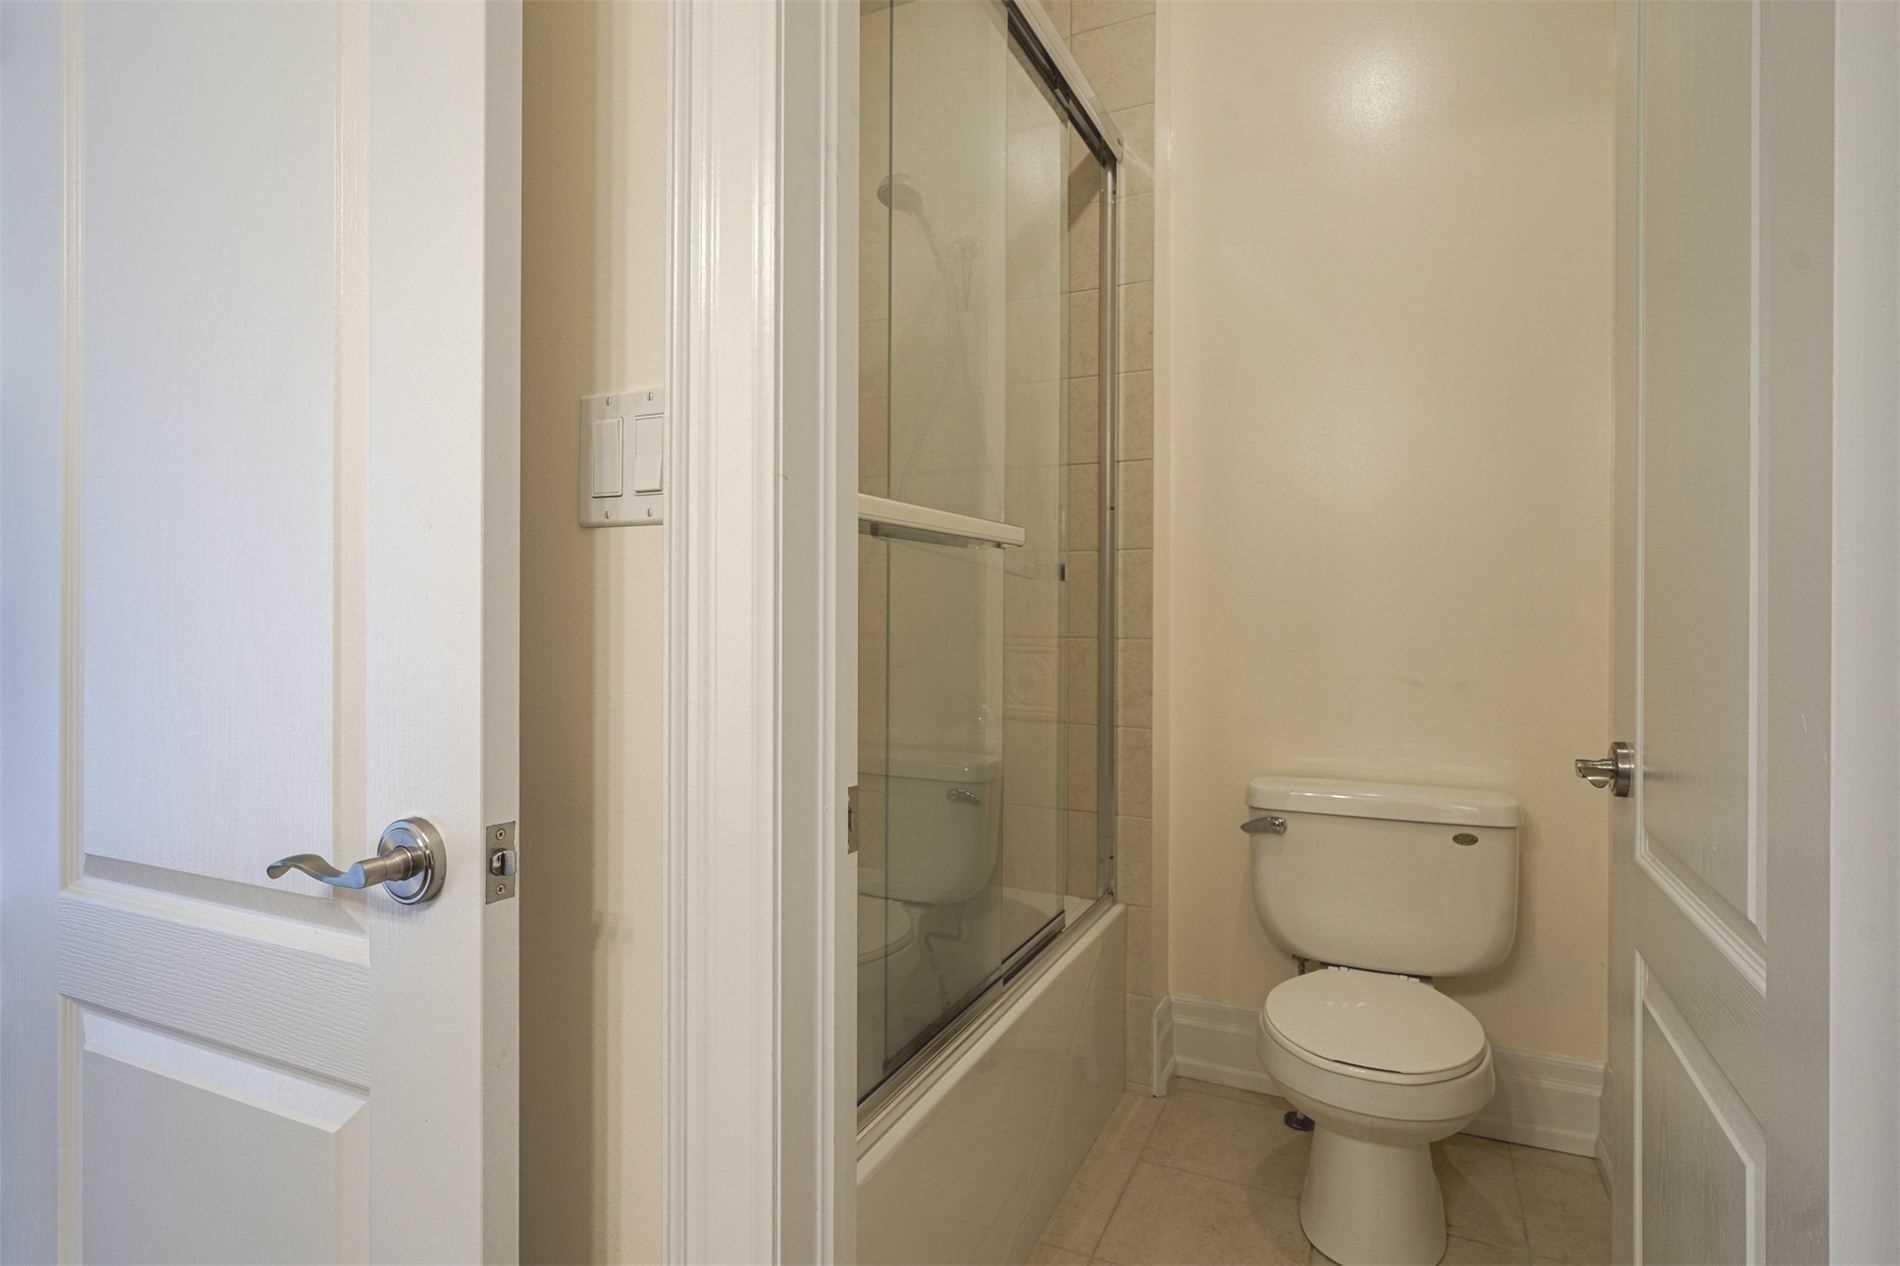 315 Highway 47 Rd - Rural Uxbridge Detached for sale, 3 Bedrooms (N5306115) - #22